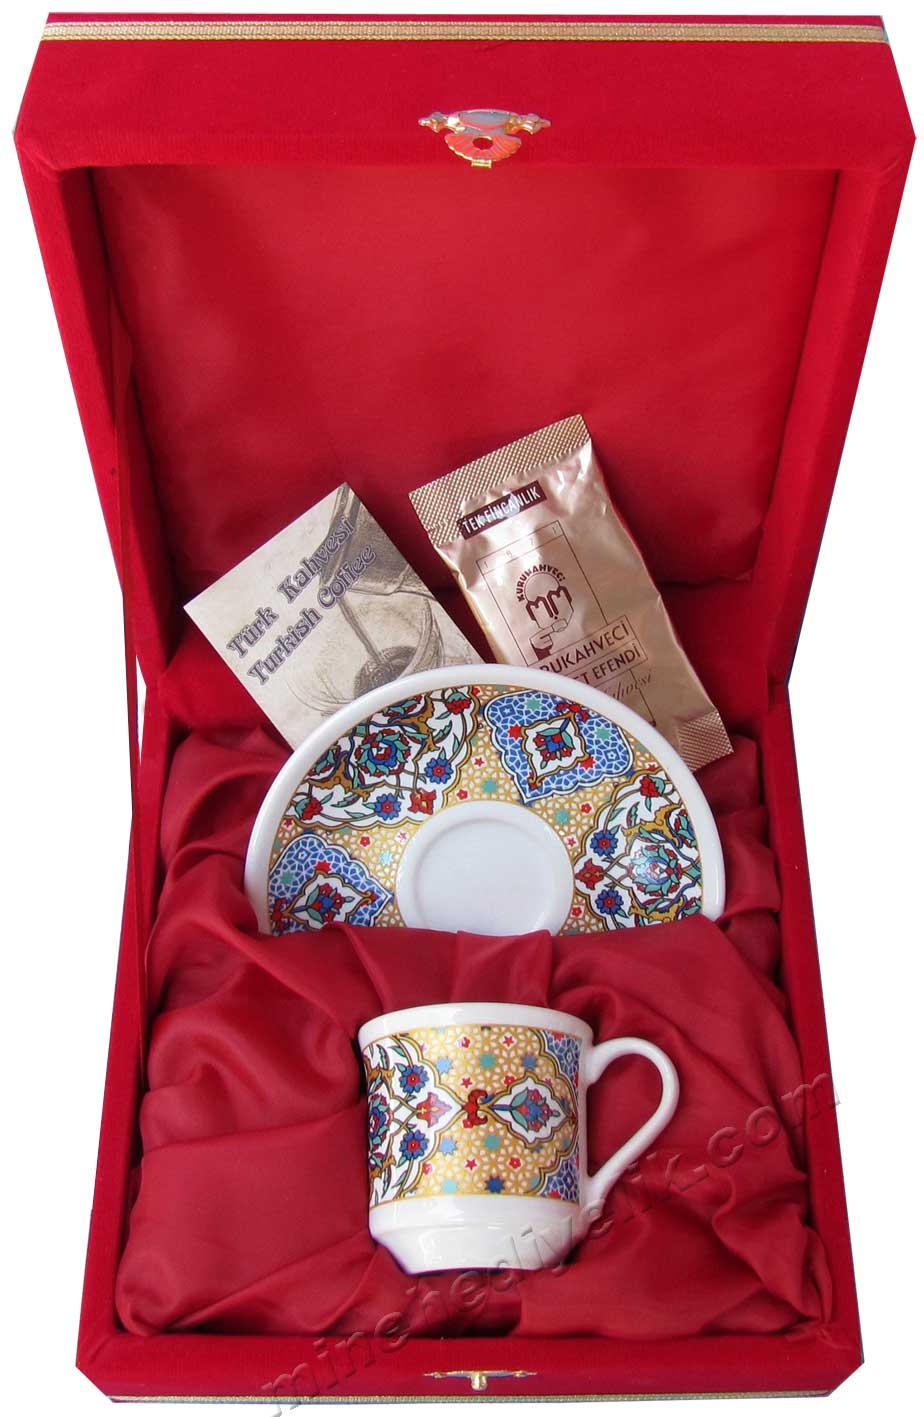 Hediyelik Tek Kişilik kurumsal promosyon Kahve Fincanları Toptan Satış Fiyatları Ekonomik logolu tekli kahve fincan seti kutulu